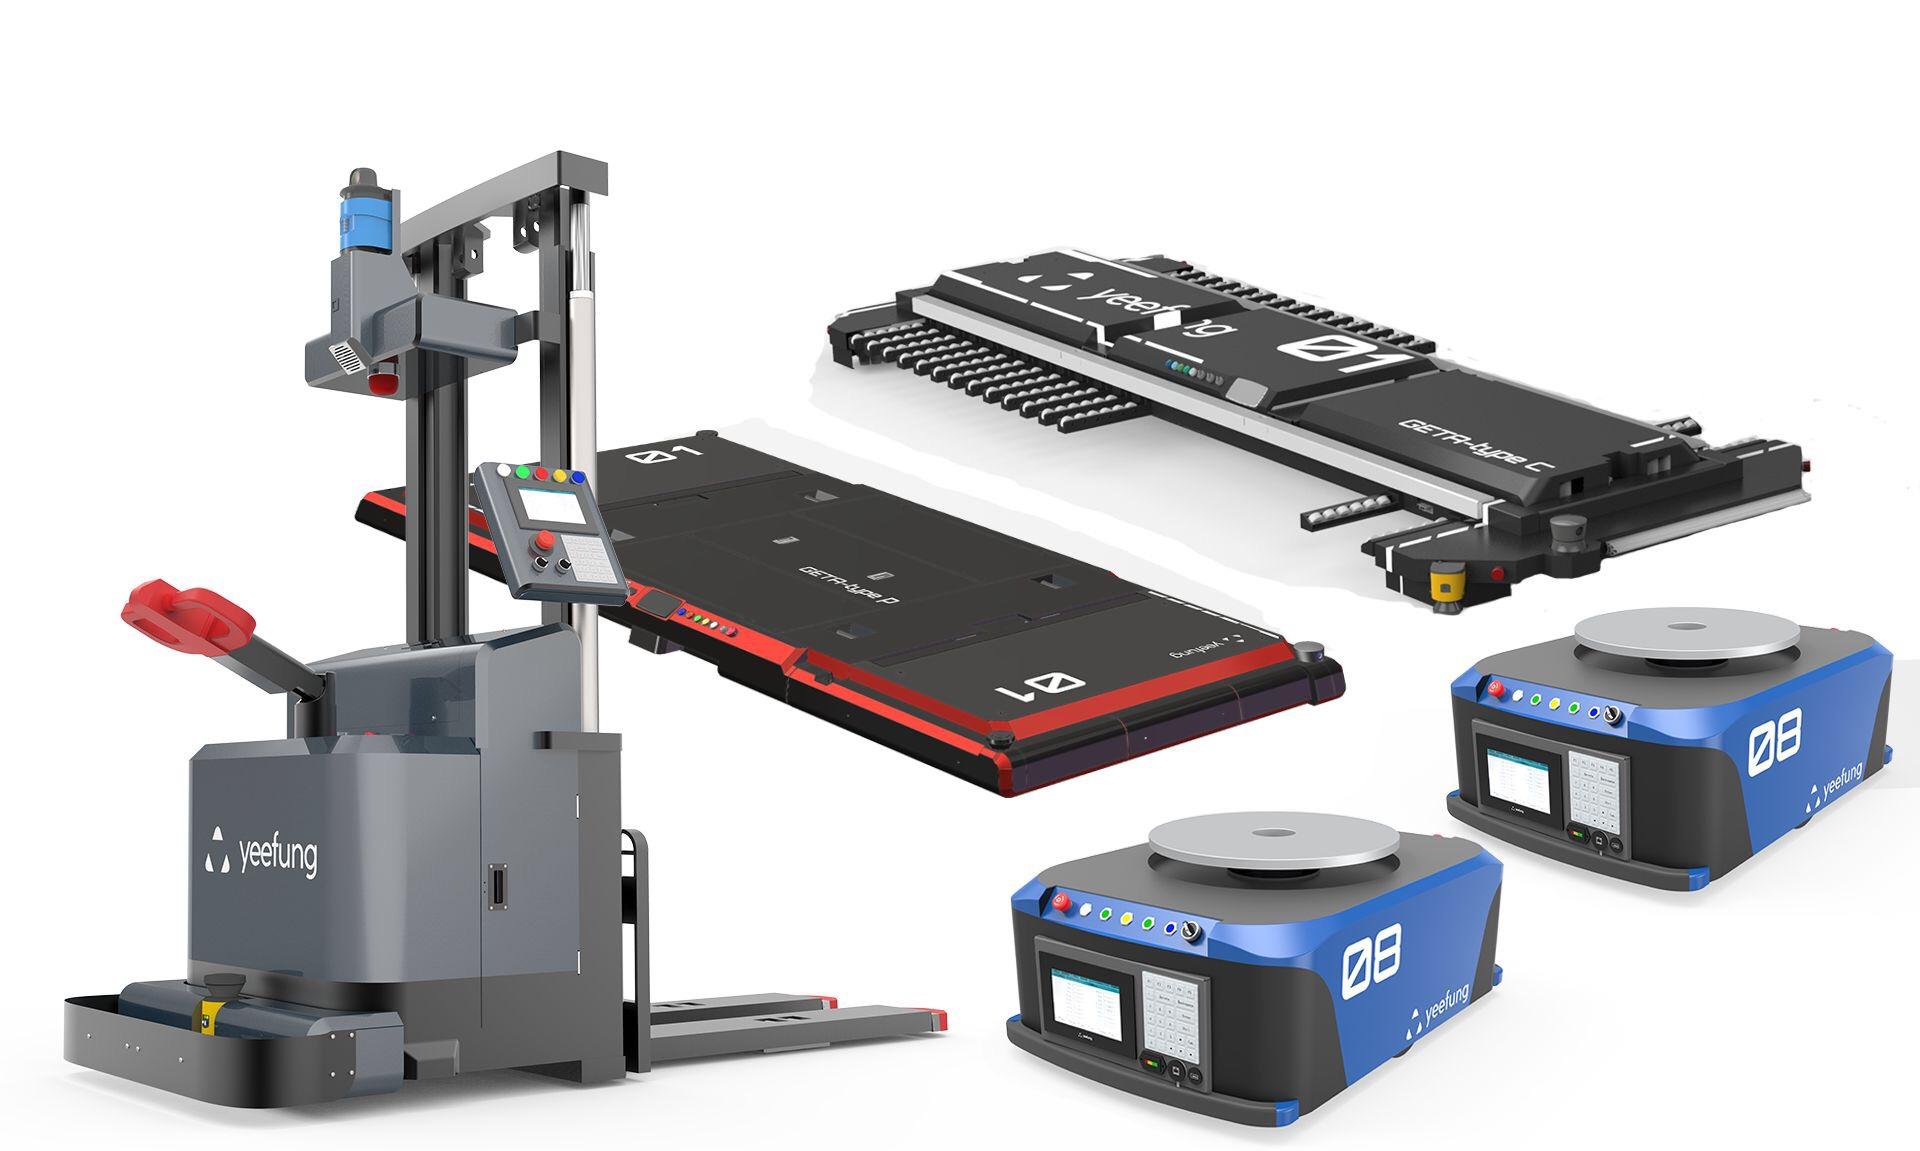 汽车agv激光导航系统 自然定位功能 BlueBotics品牌 ANT任务管理 瑞士品牌 ANT激光导航模块